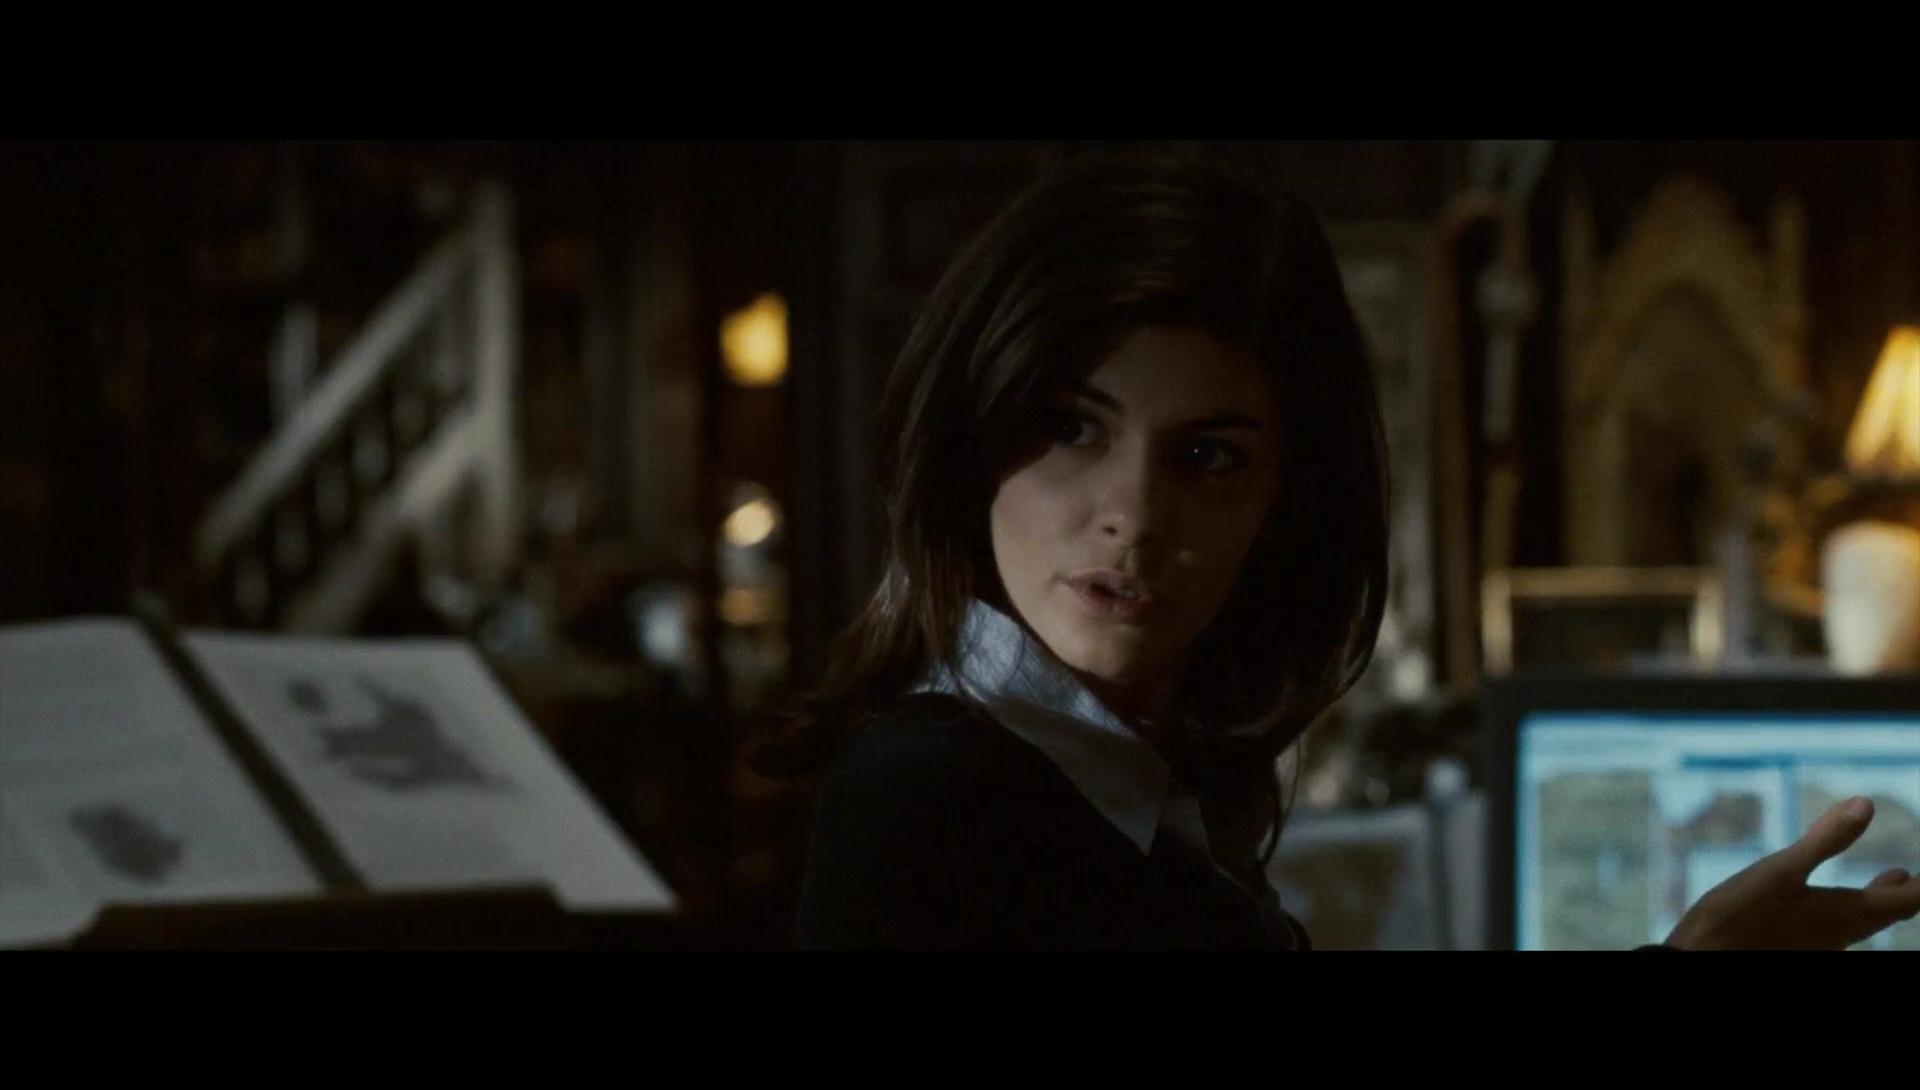 El Codigo Da Vinci 1080p Lat-Cast-Ing[Thriller](2006)